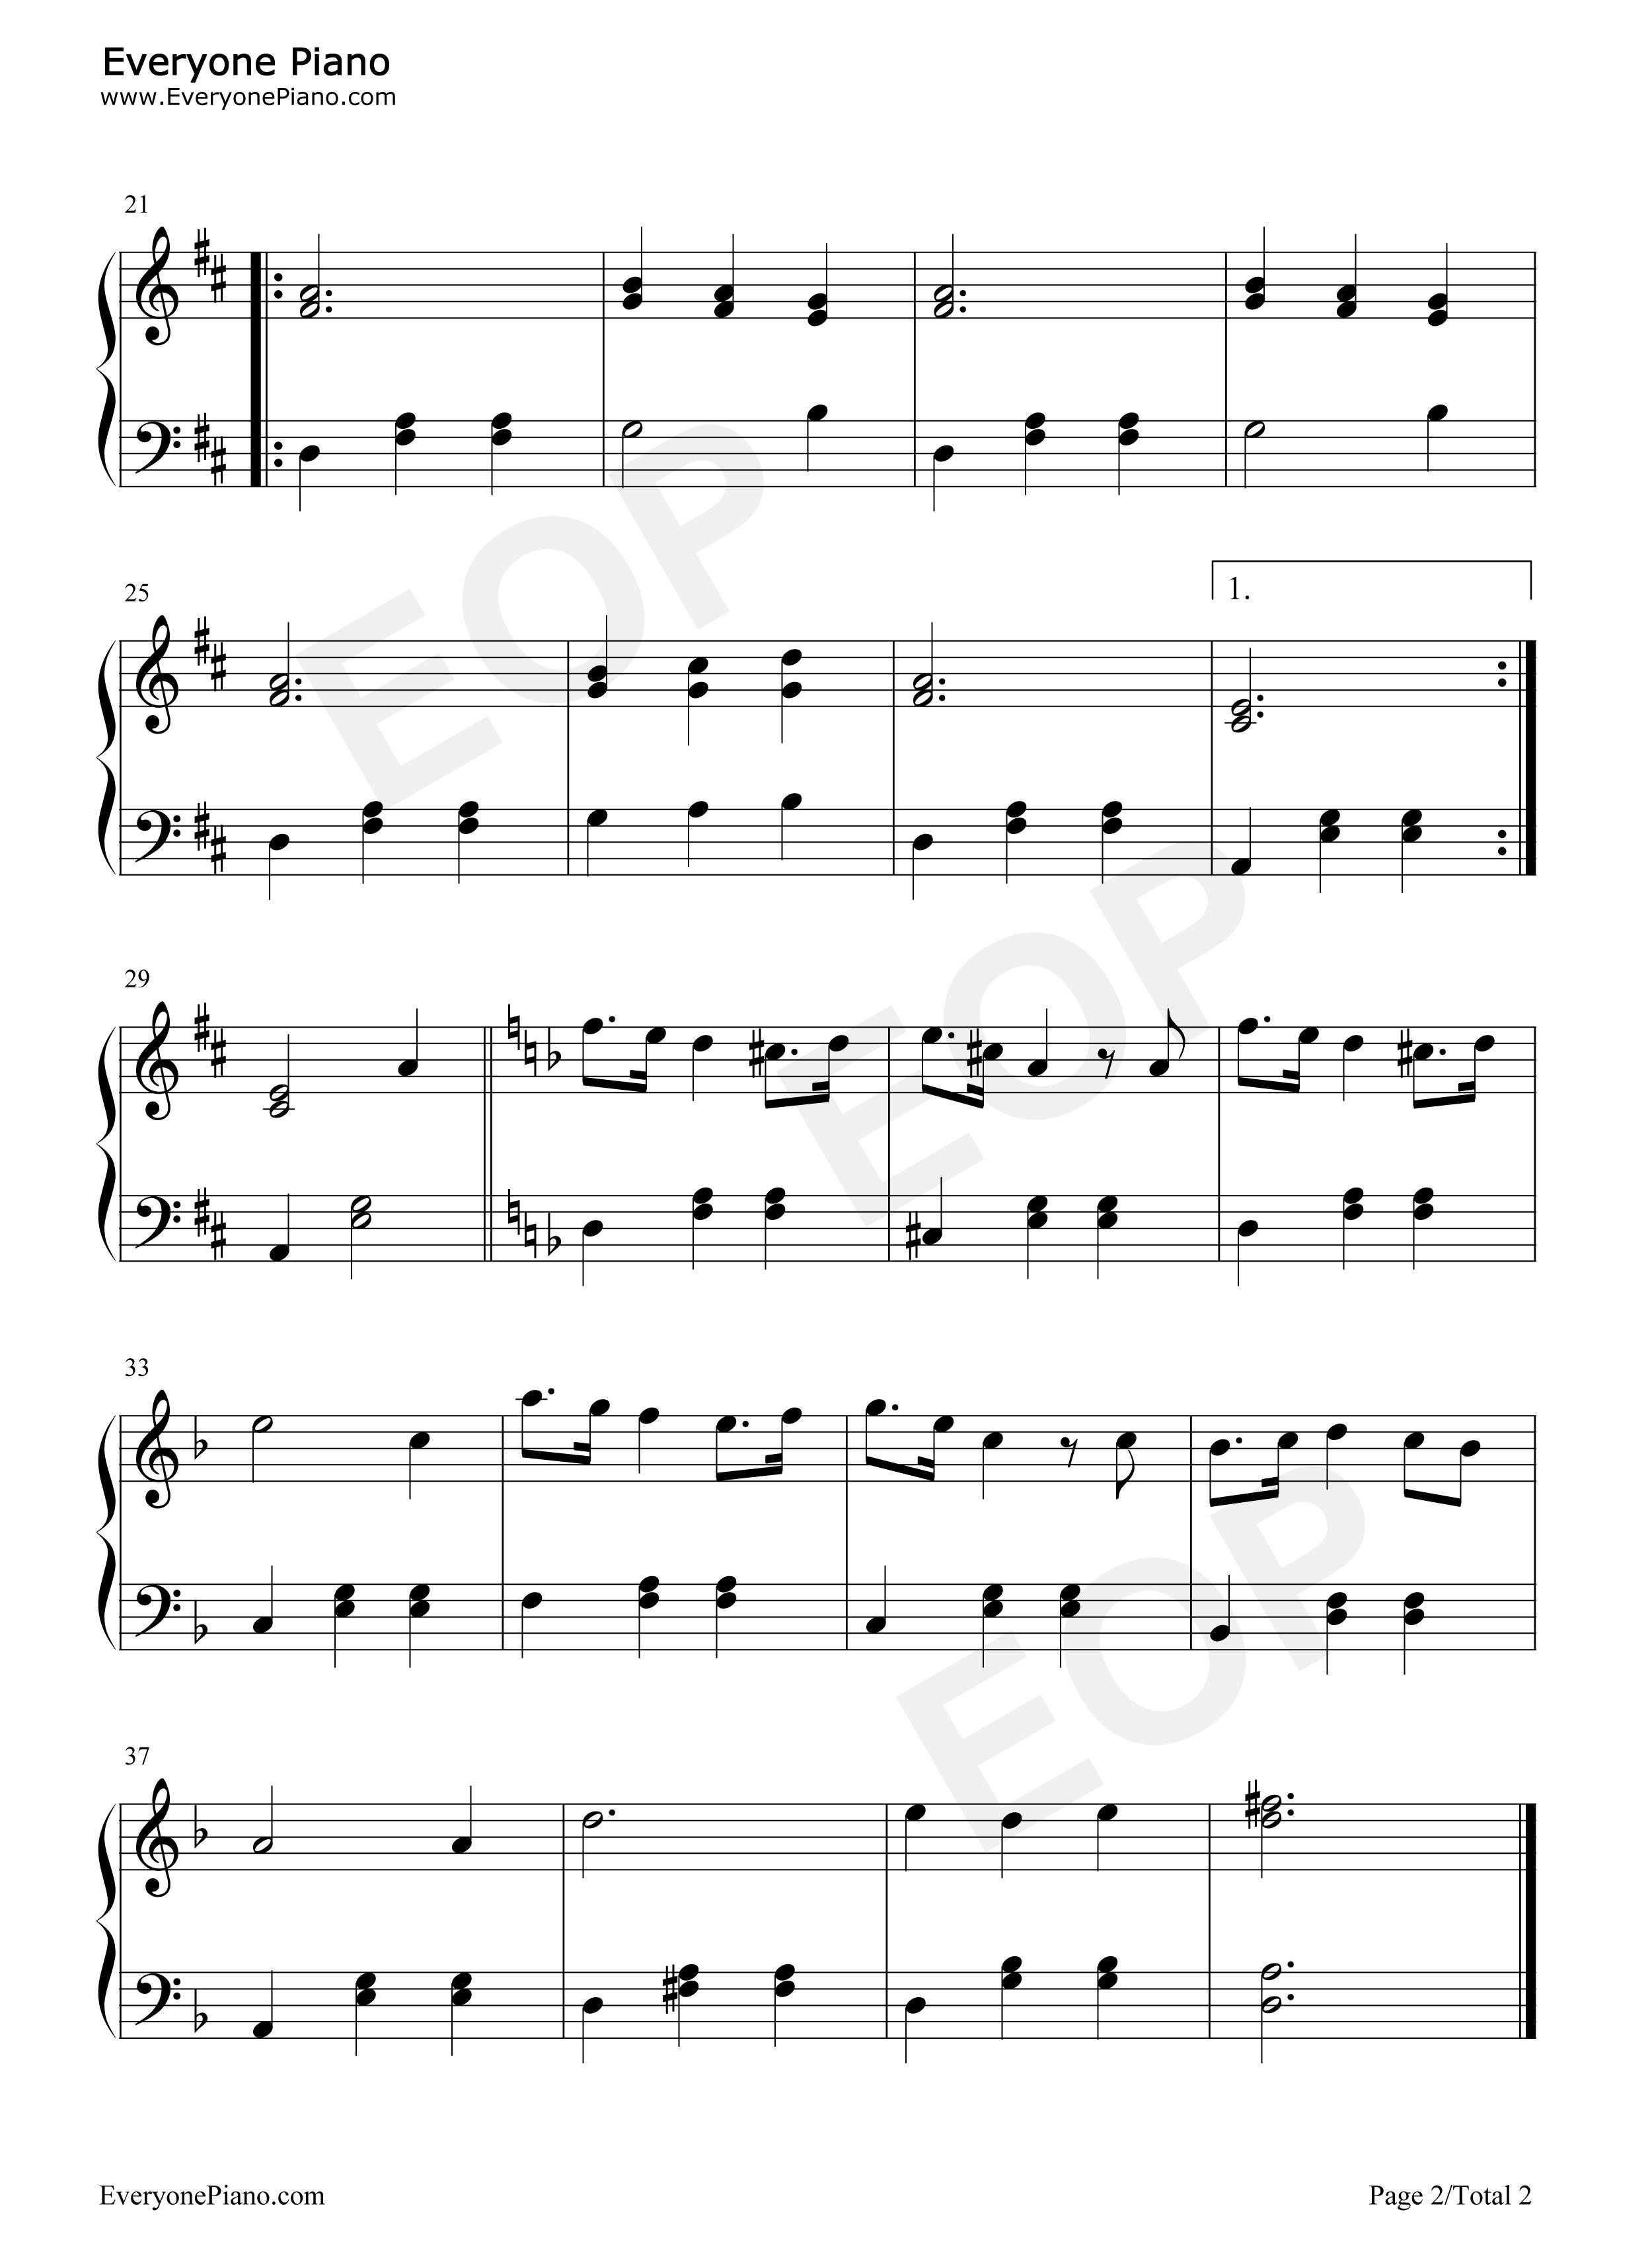 钢琴曲谱 流行 征服天堂 征服天堂五线谱预览2   仅供个人学习交流